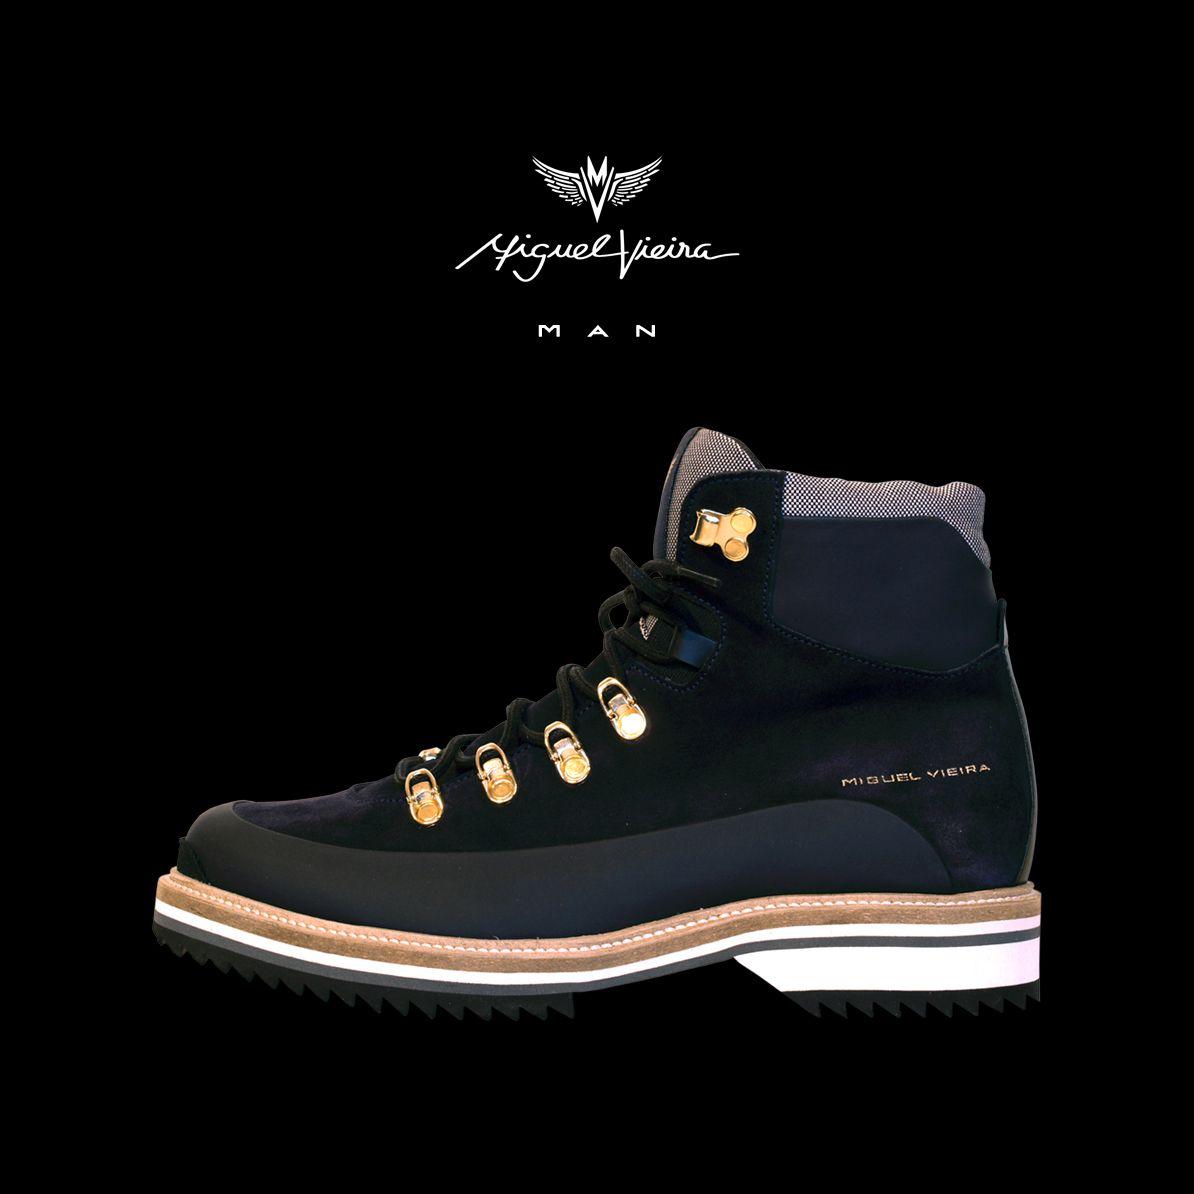 98eb54d83 Winter 2016 Men Shoes Miguel Vieira, Sapatos Senhora, Noite, Homens,  Pesquisa,